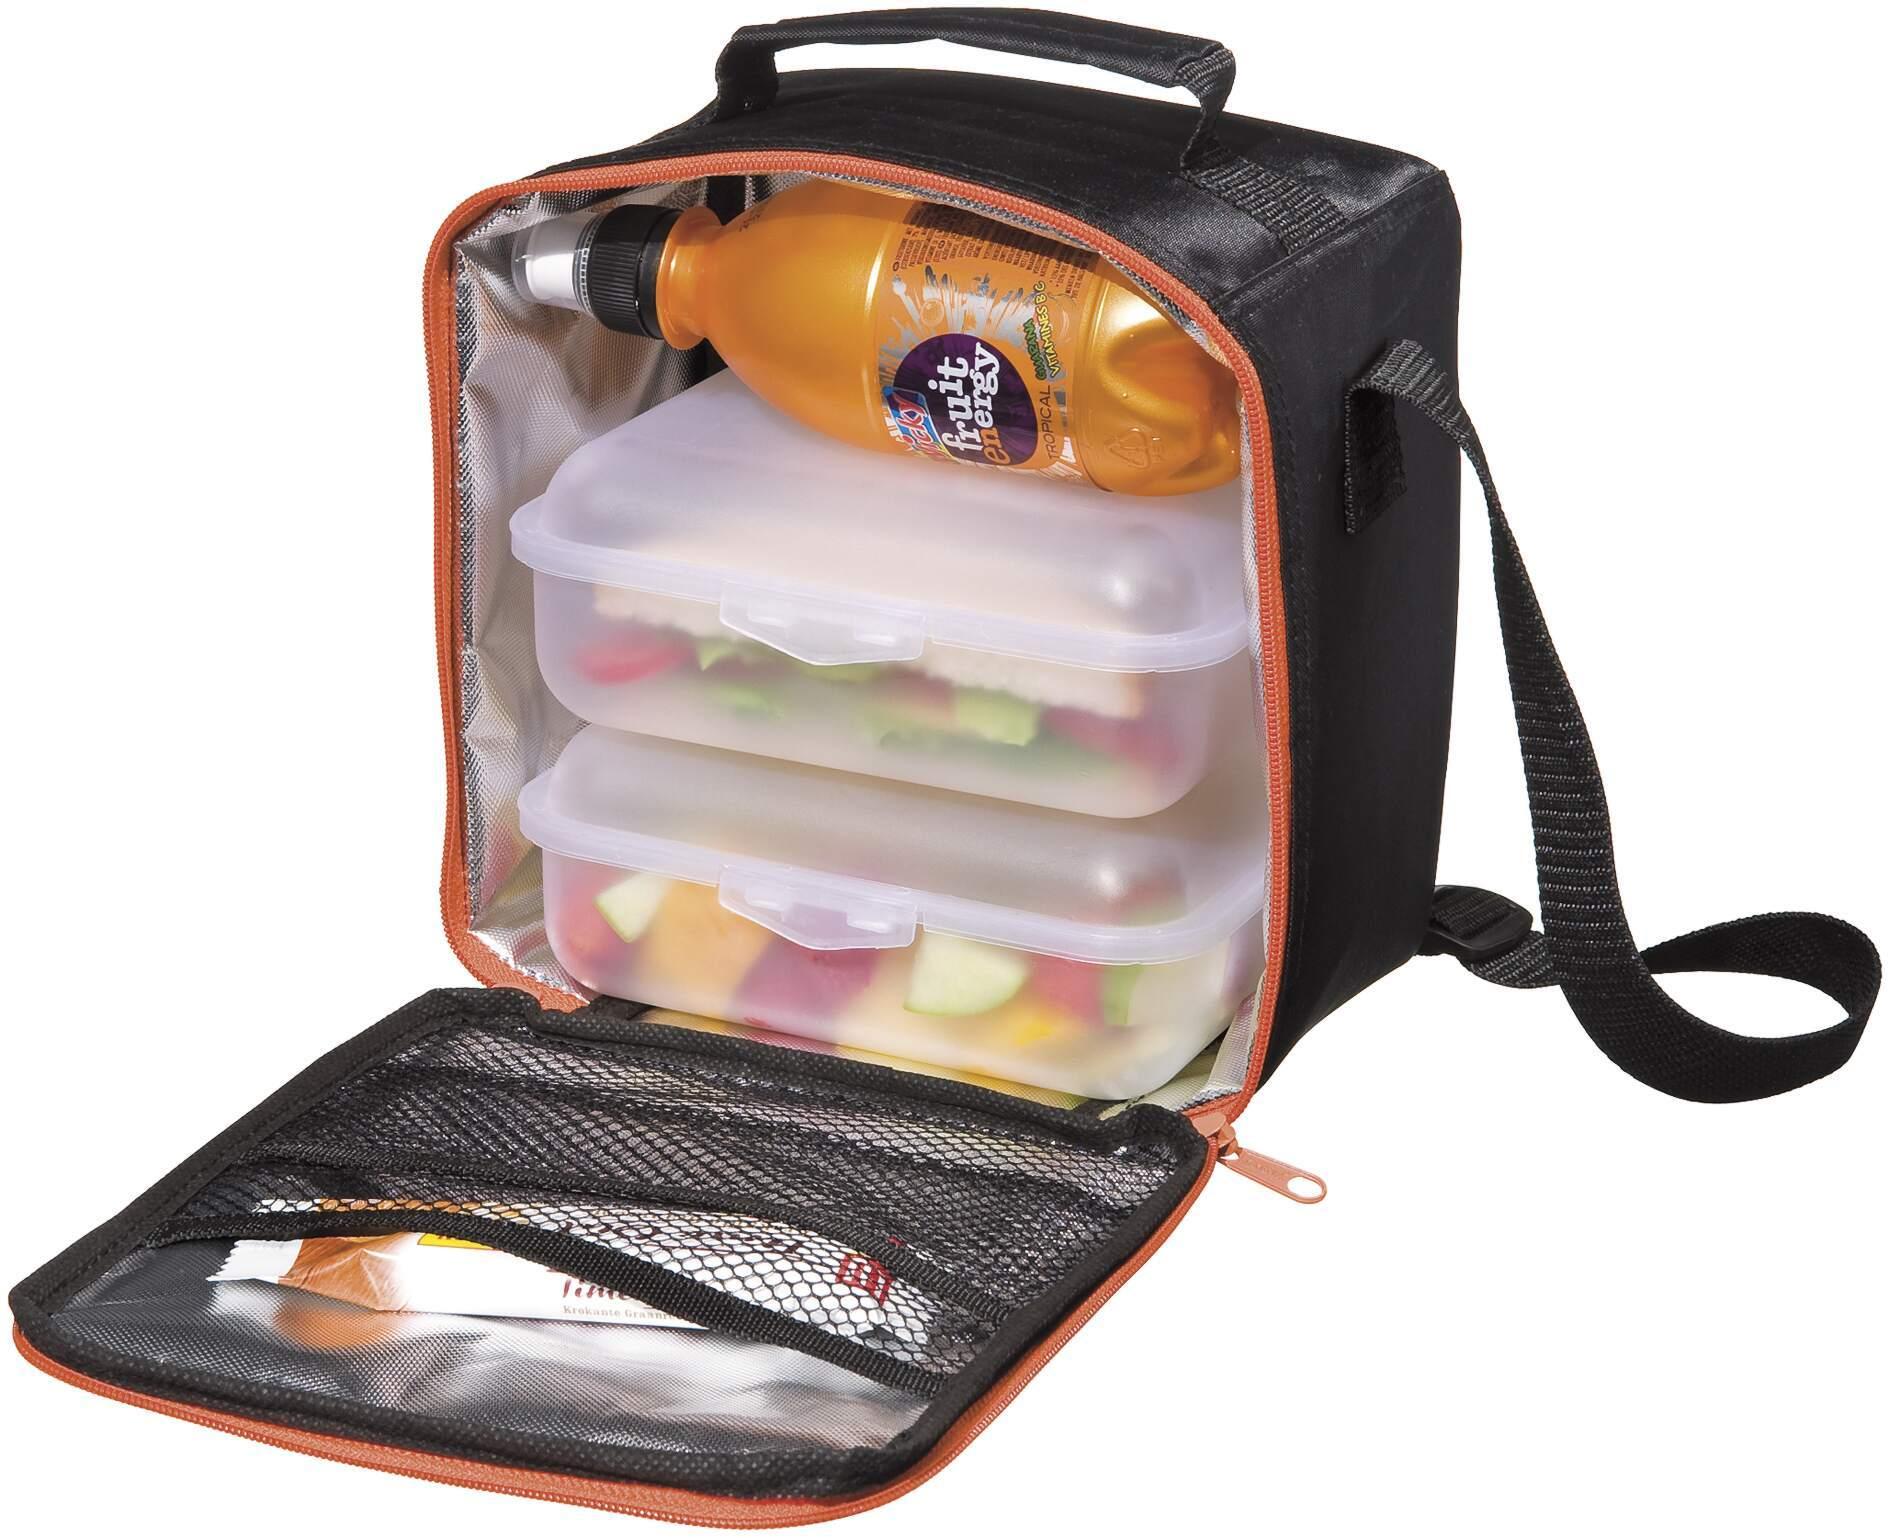 Torba termiczna na lunch lunchbox bergen pf10022300 for Porta pranzo ikea